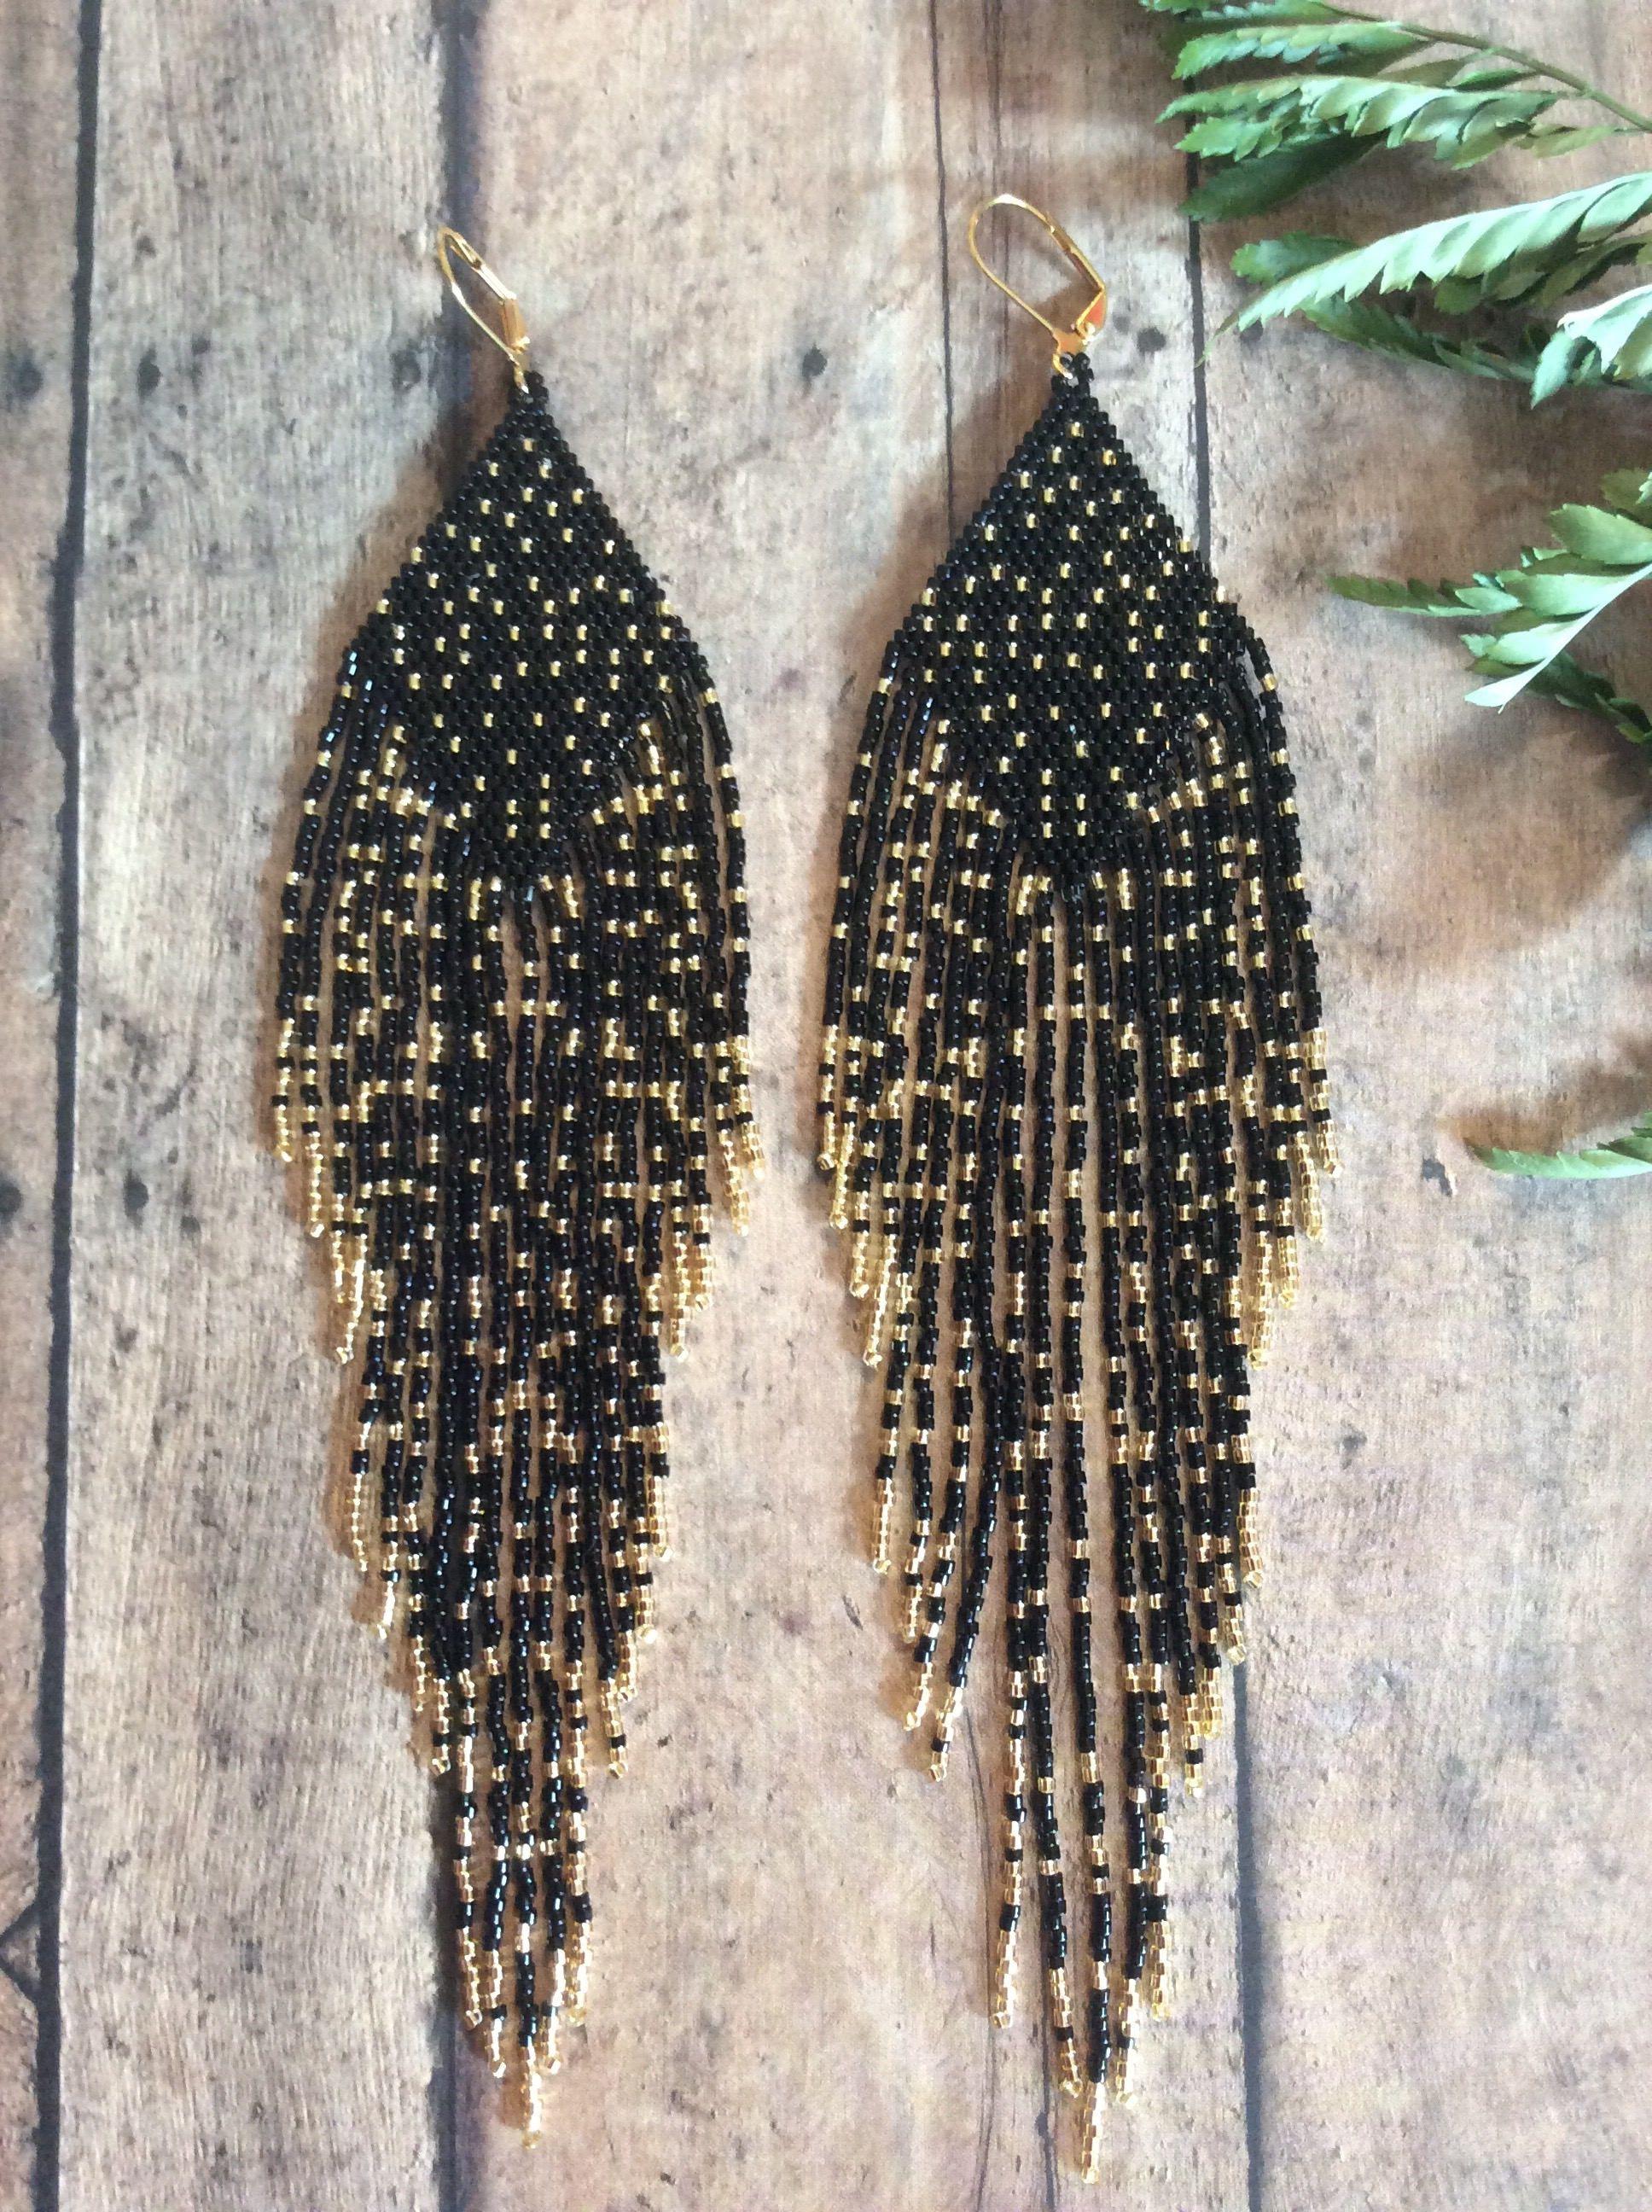 Seed Beaded Earring Name Night Skies Long Shoulder Dusters